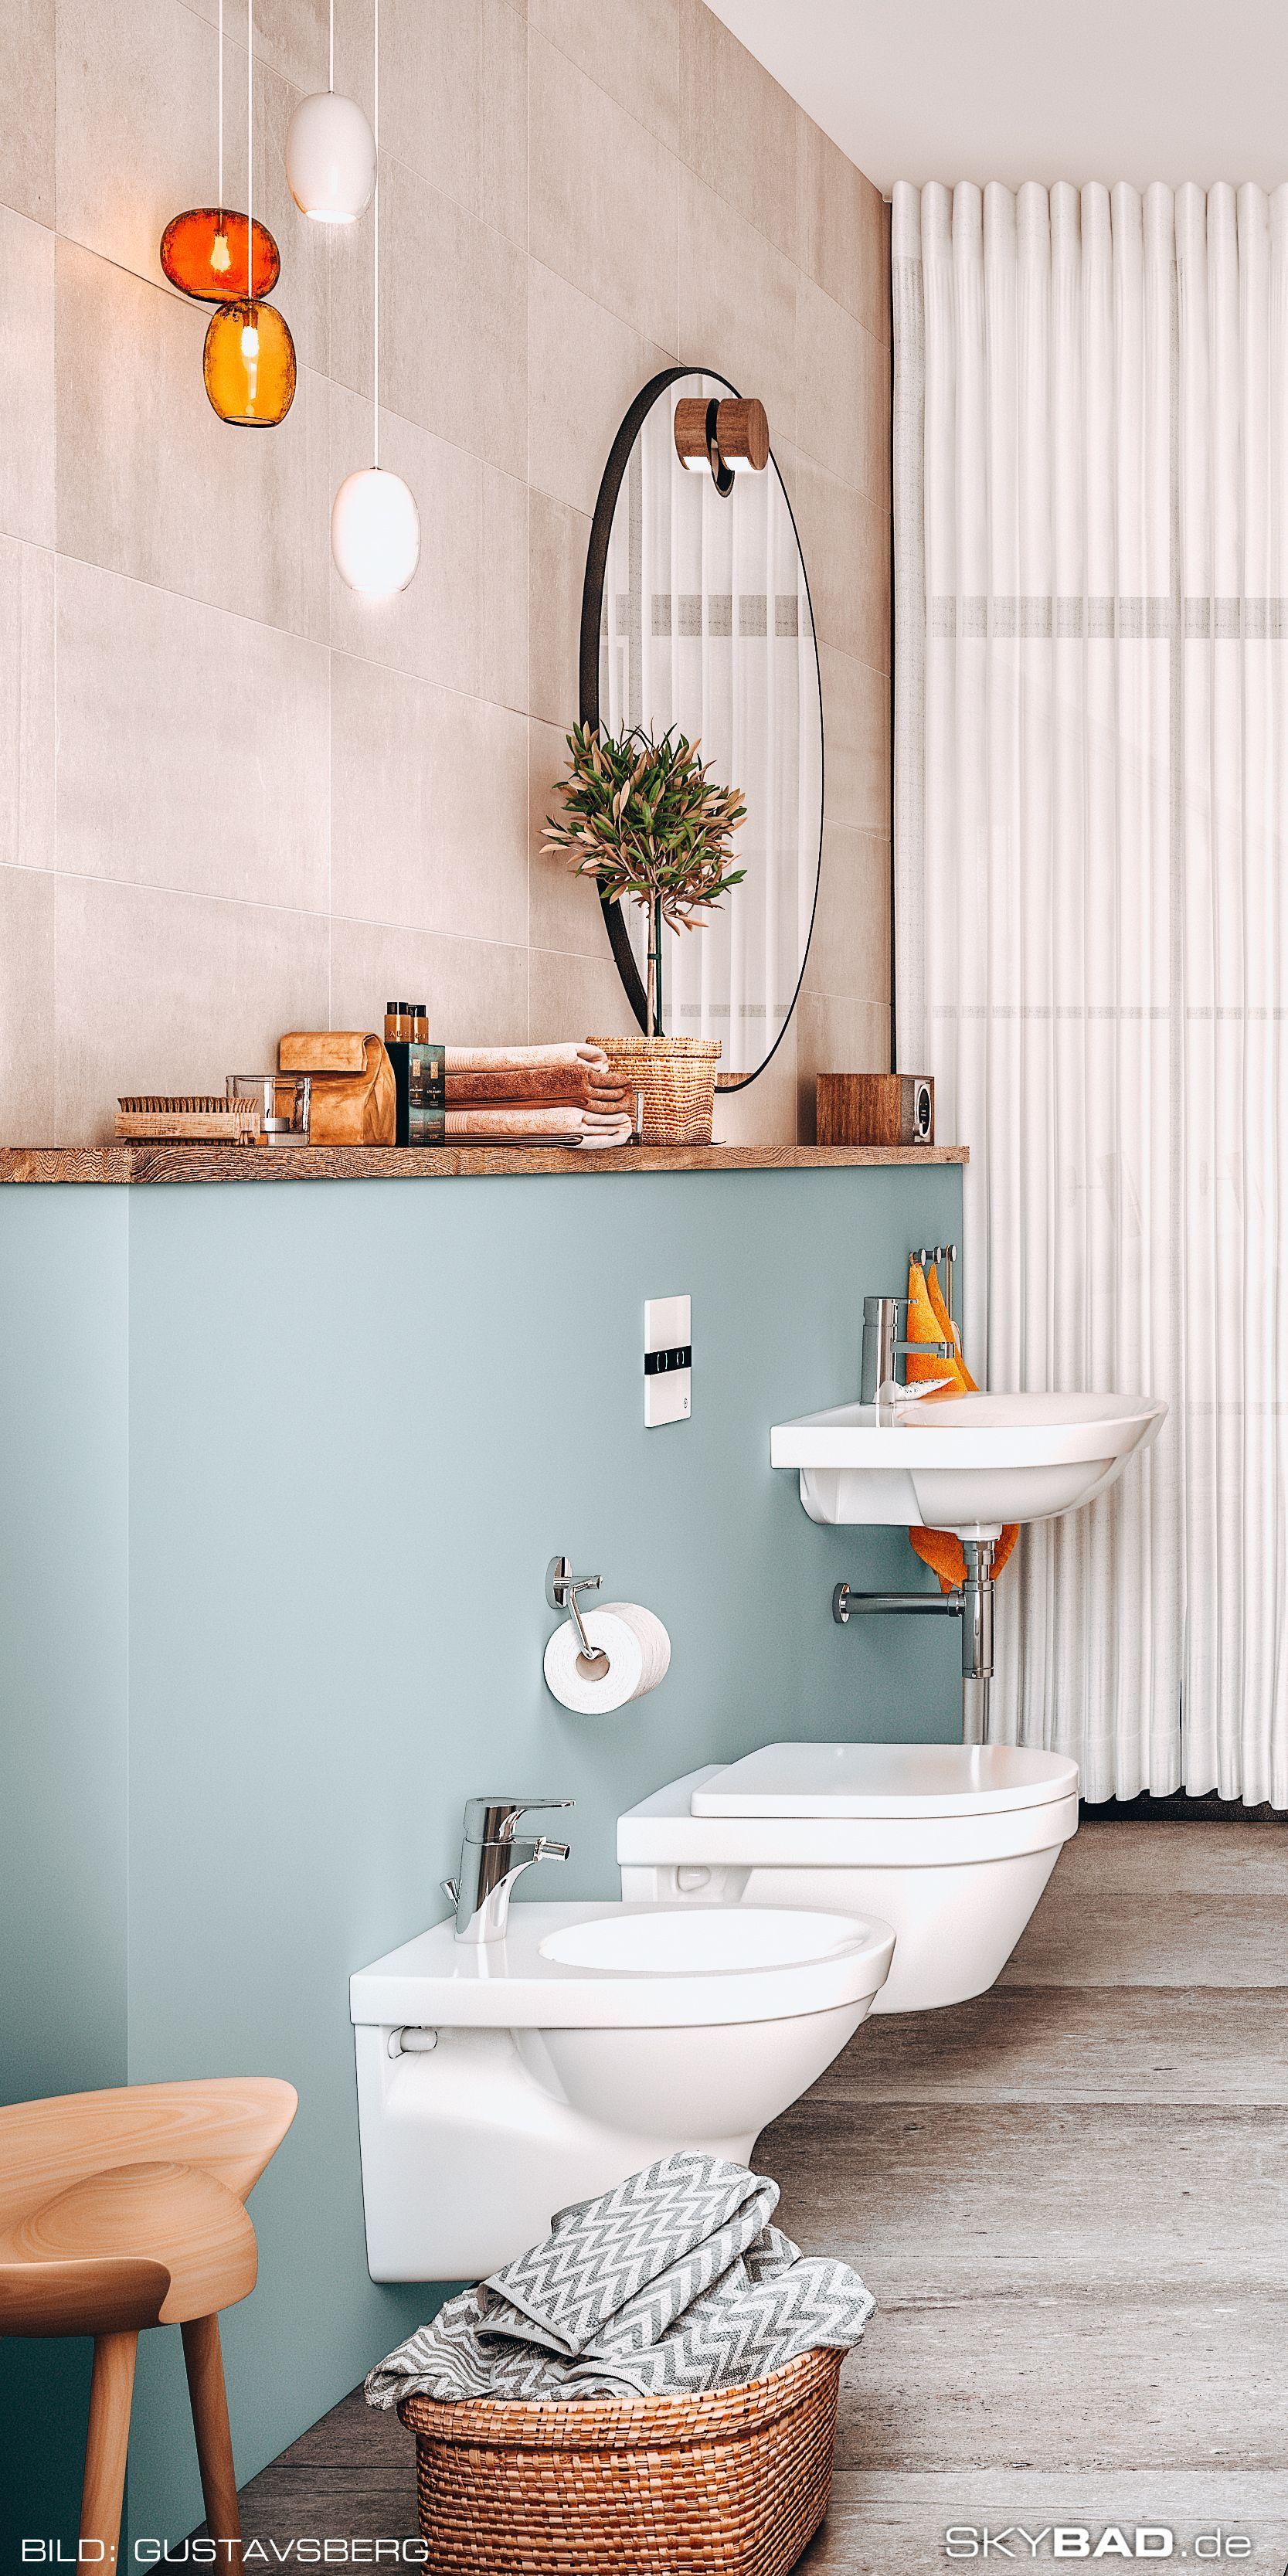 Buntes Badezimmer Fur Die Gesamte Familie Skybad De In 2020 Badezimmer Mit Schrage Badezimmer Kleine Badezimmer